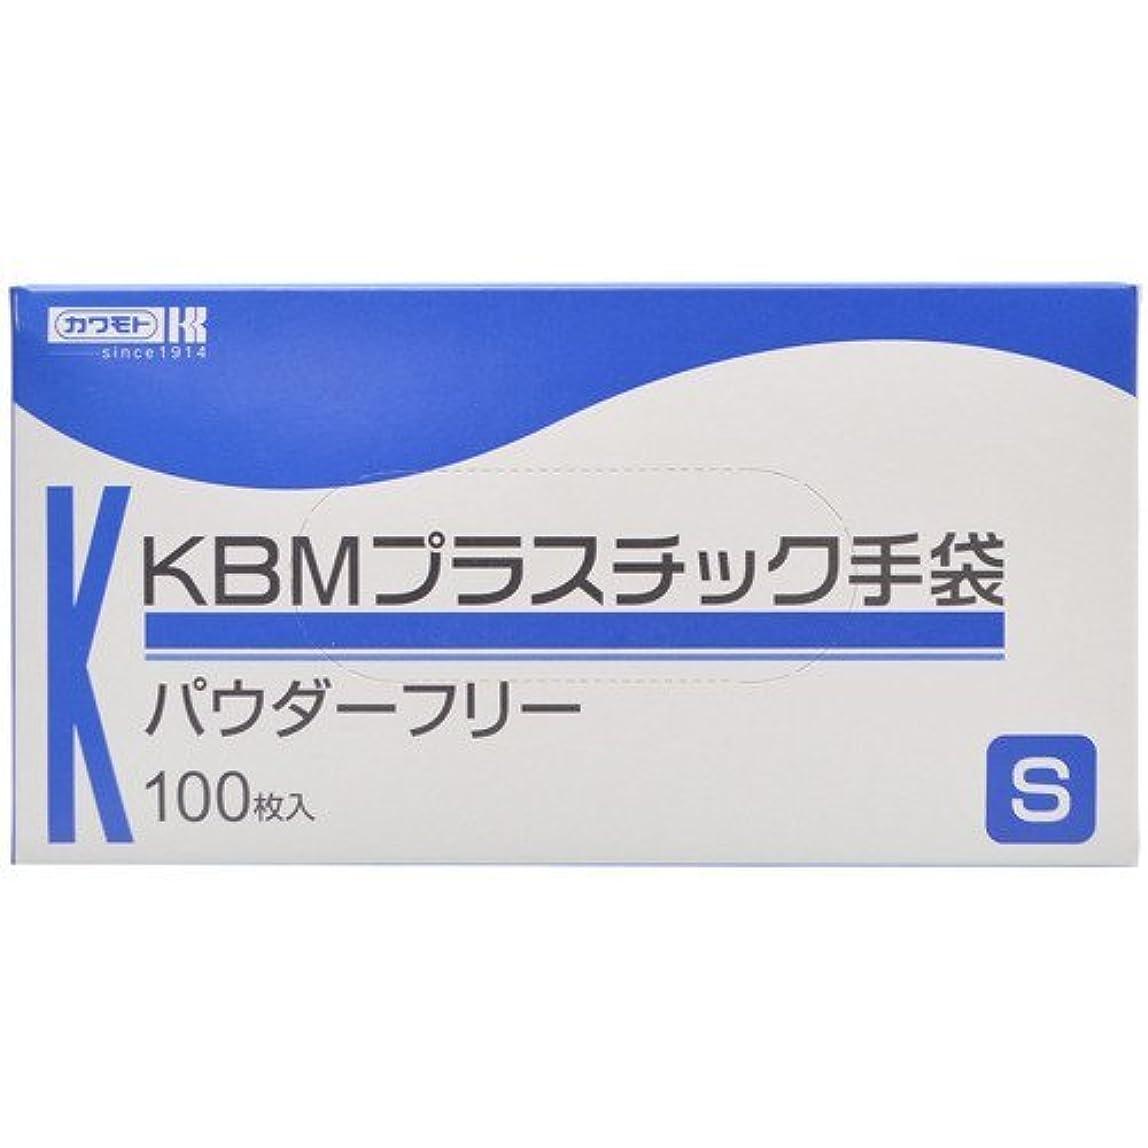 社会学含む遷移川本産業 KBMプラスチック手袋 パウダーフリー S 100枚入